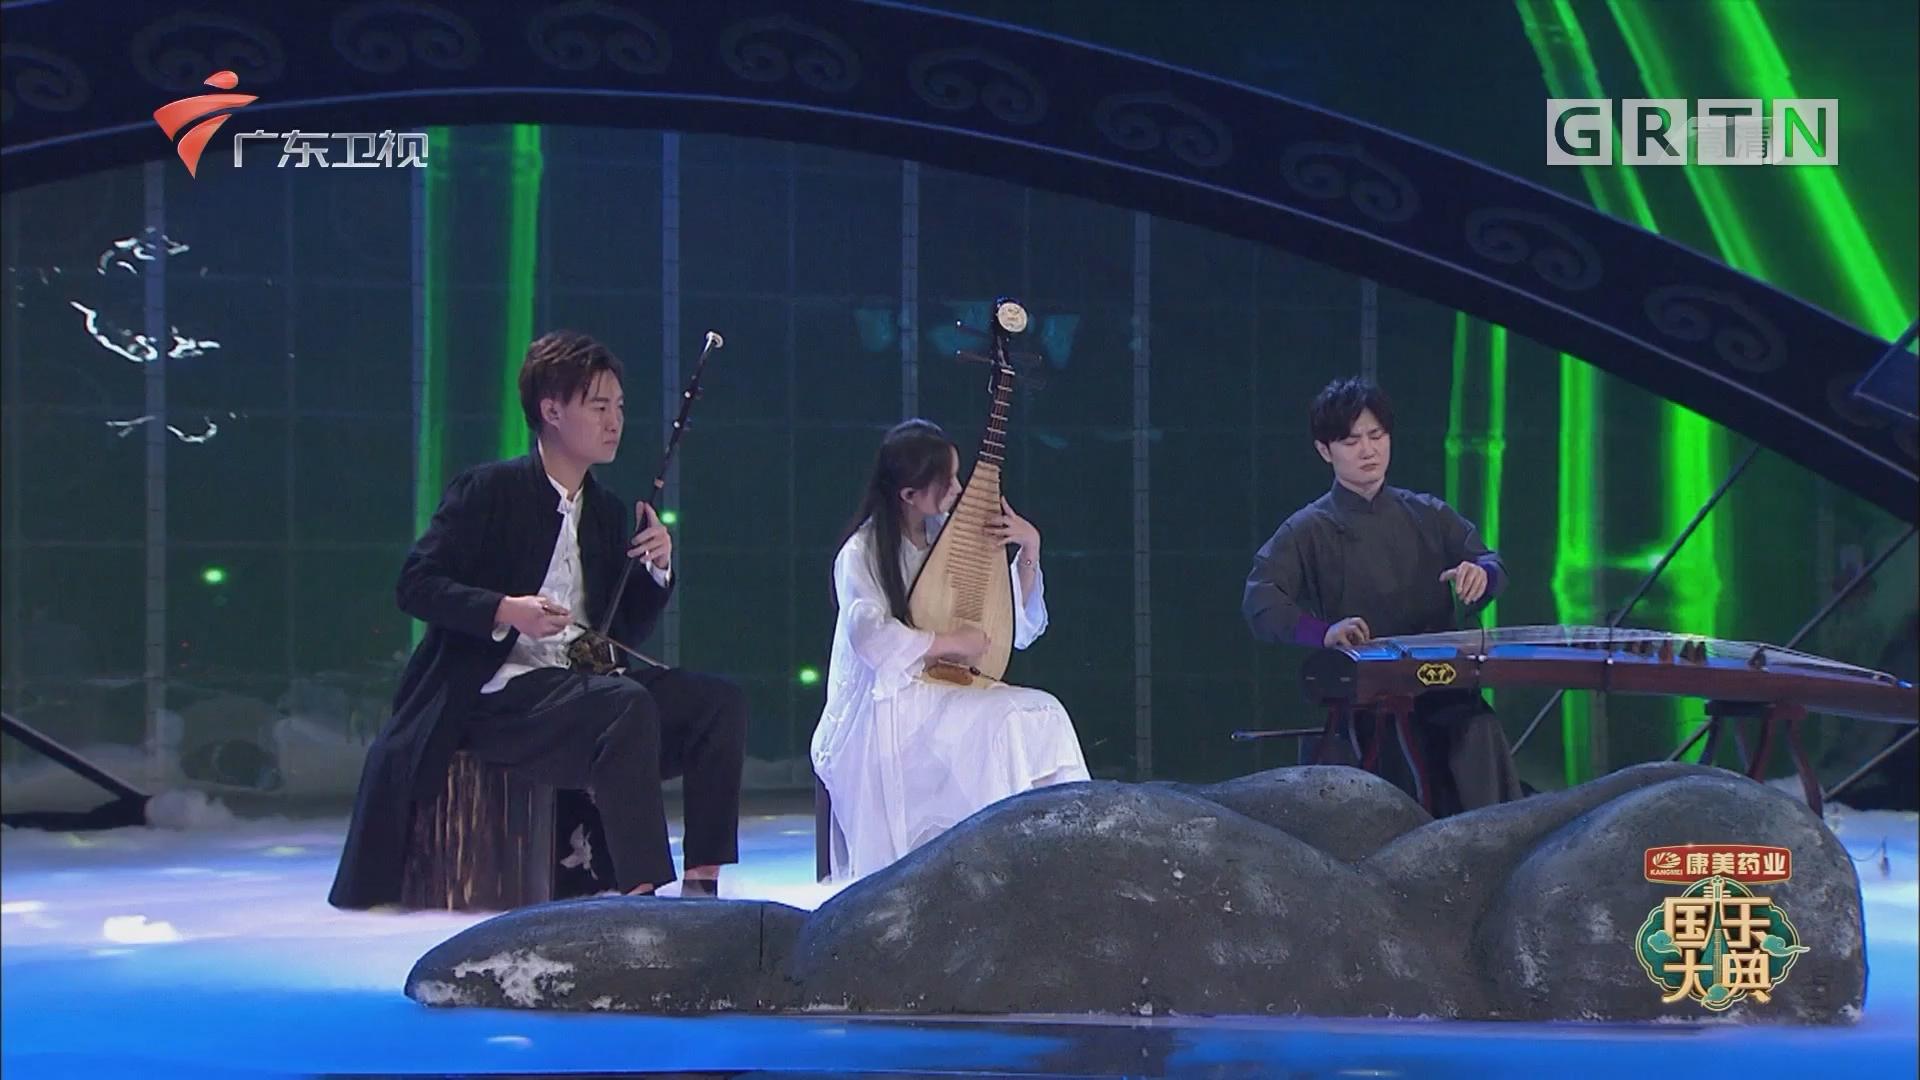 符生乐团 不一样的侠骨柔情《月光爱人》